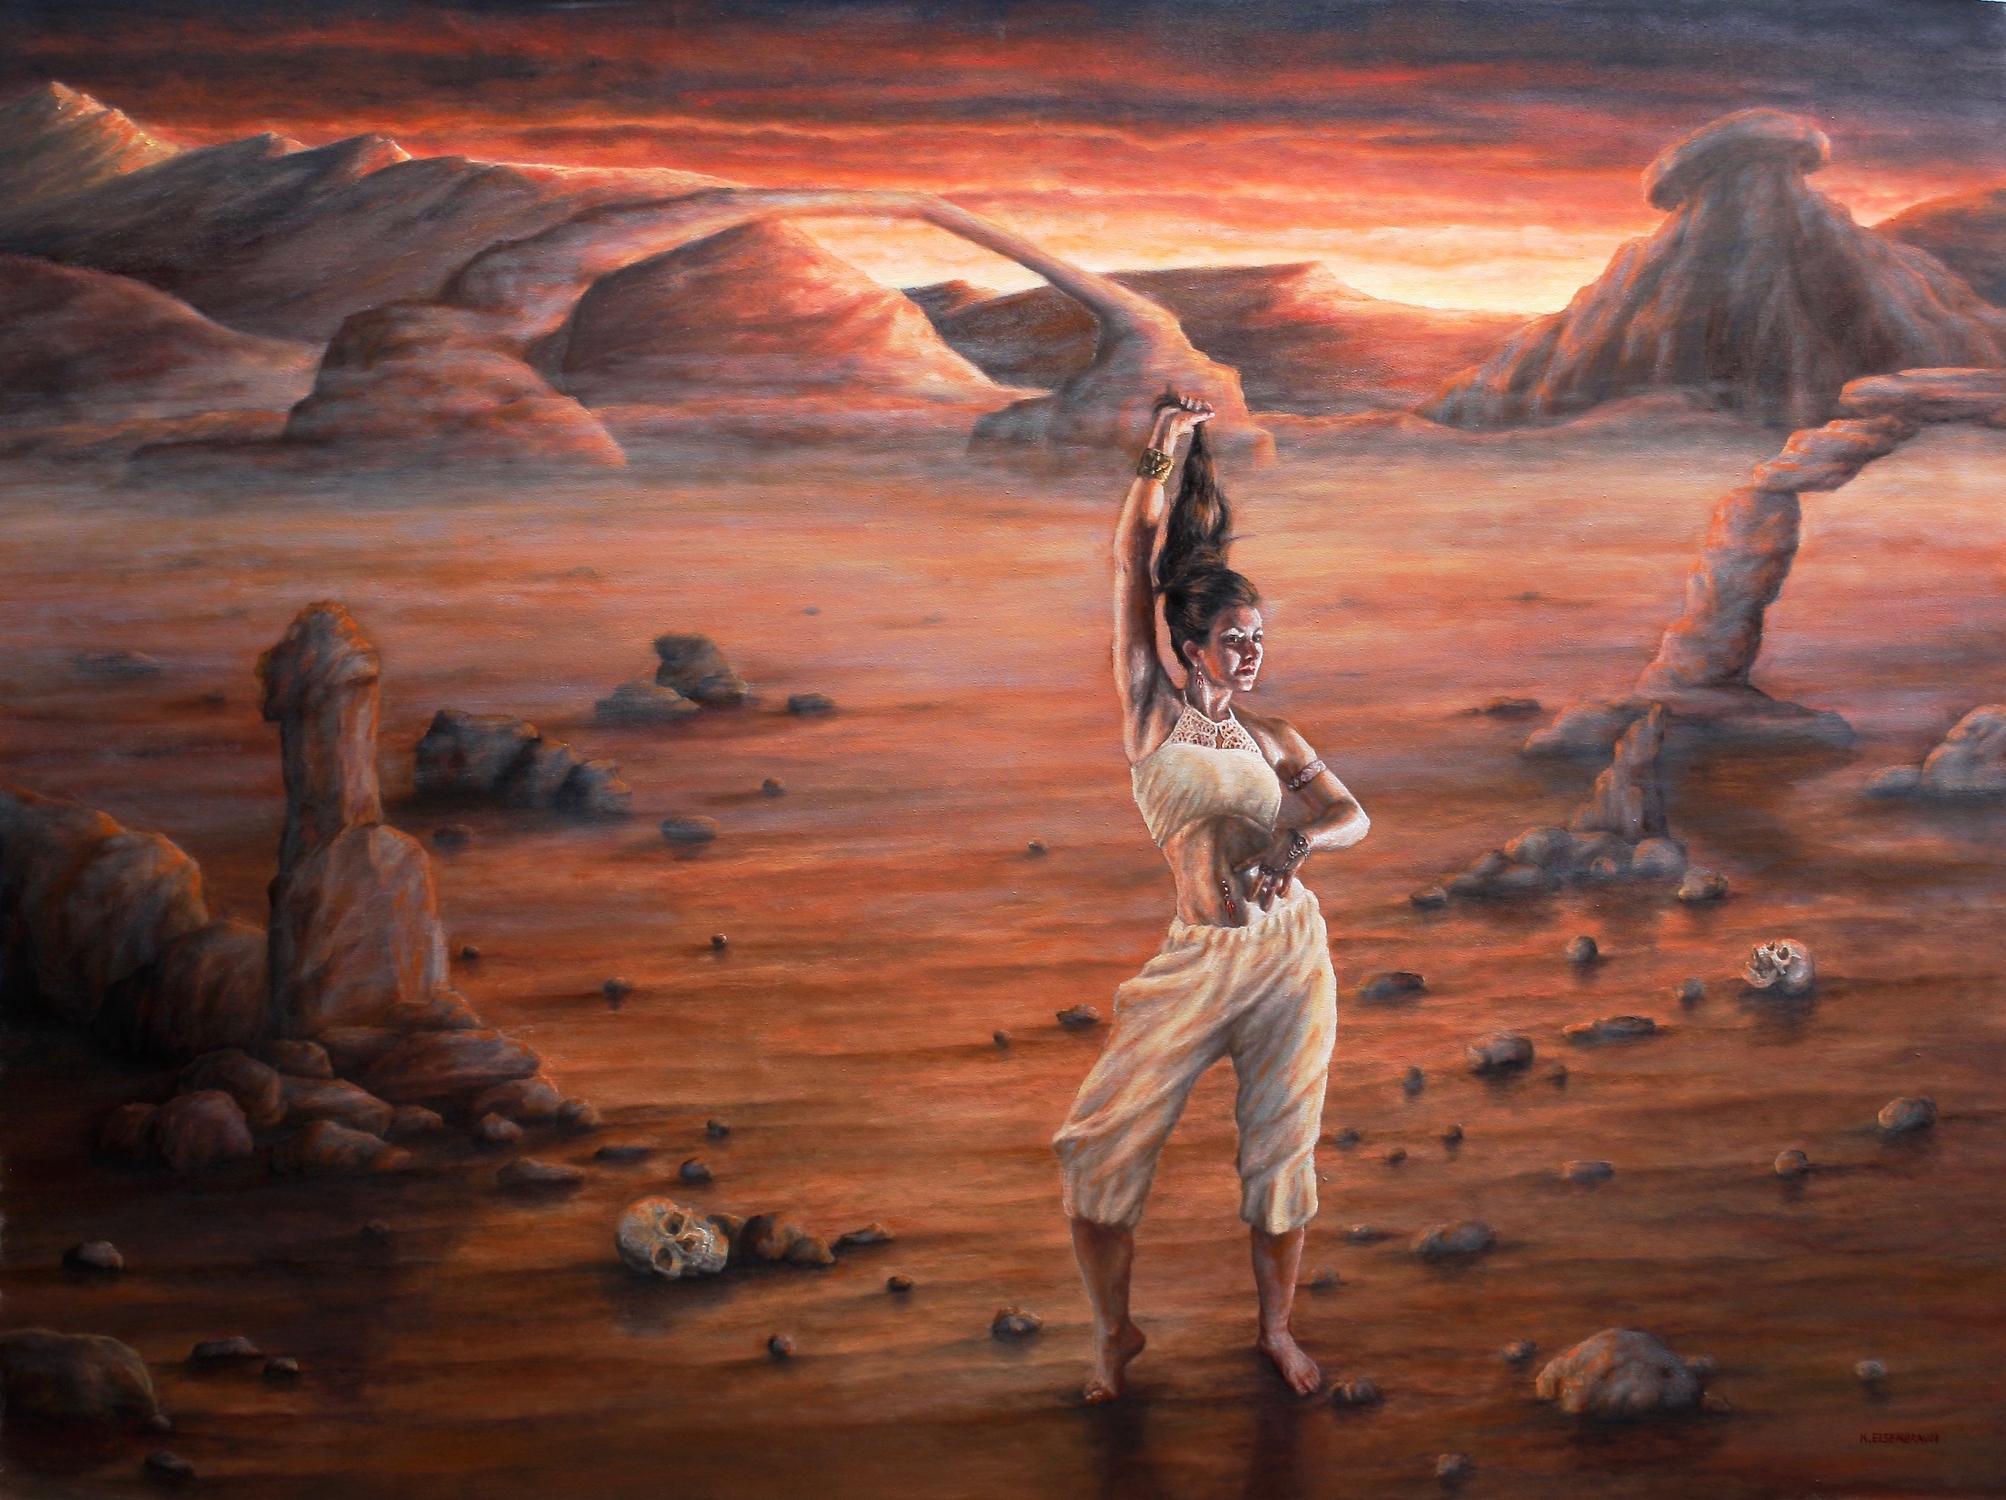 No Mans Land Artwork by Kristen Eienbraun